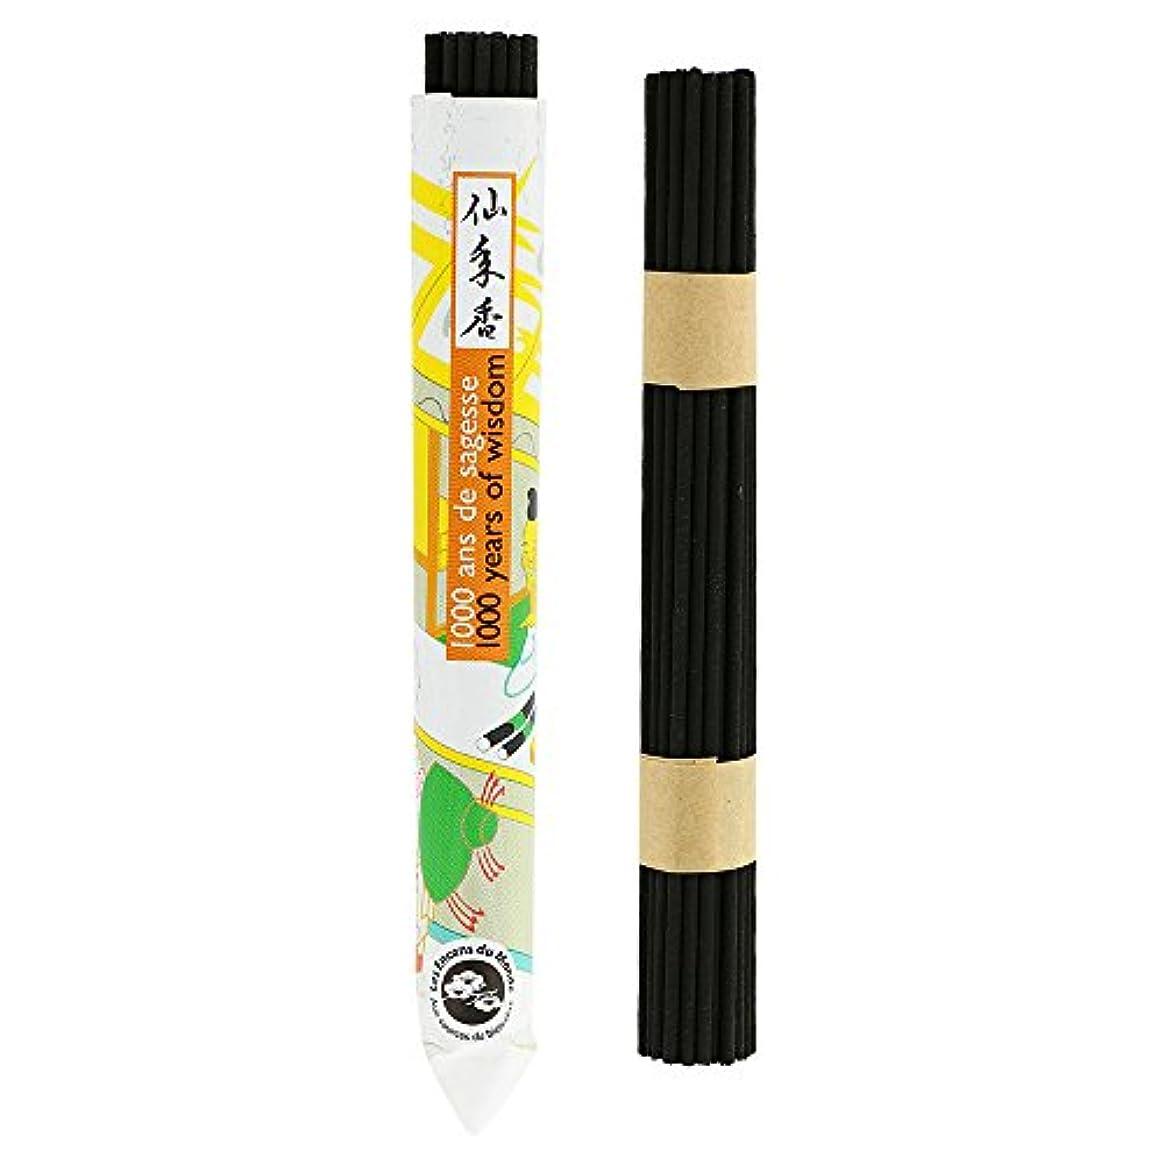 ジョブ好ましいデイジーJapanese Incense – 1000年の知恵のShort Roll